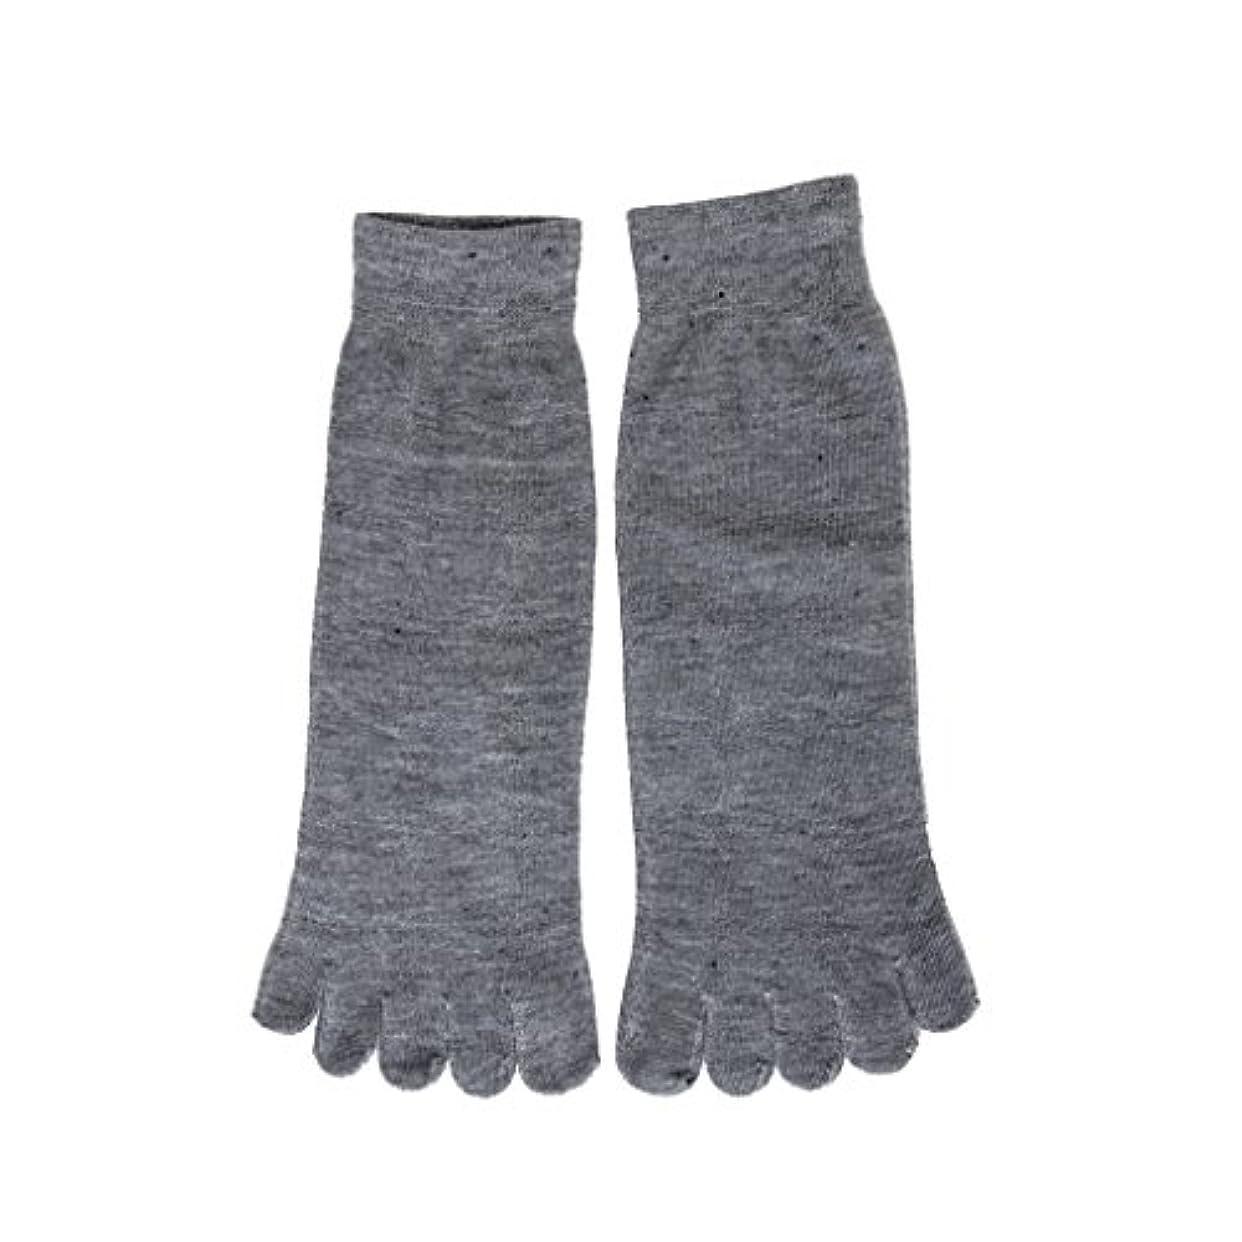 平均急襲上流の【Footful】ソックス 靴下 くつ下 五本指ソックス サポートソックス 全4色 (ライトグレー)